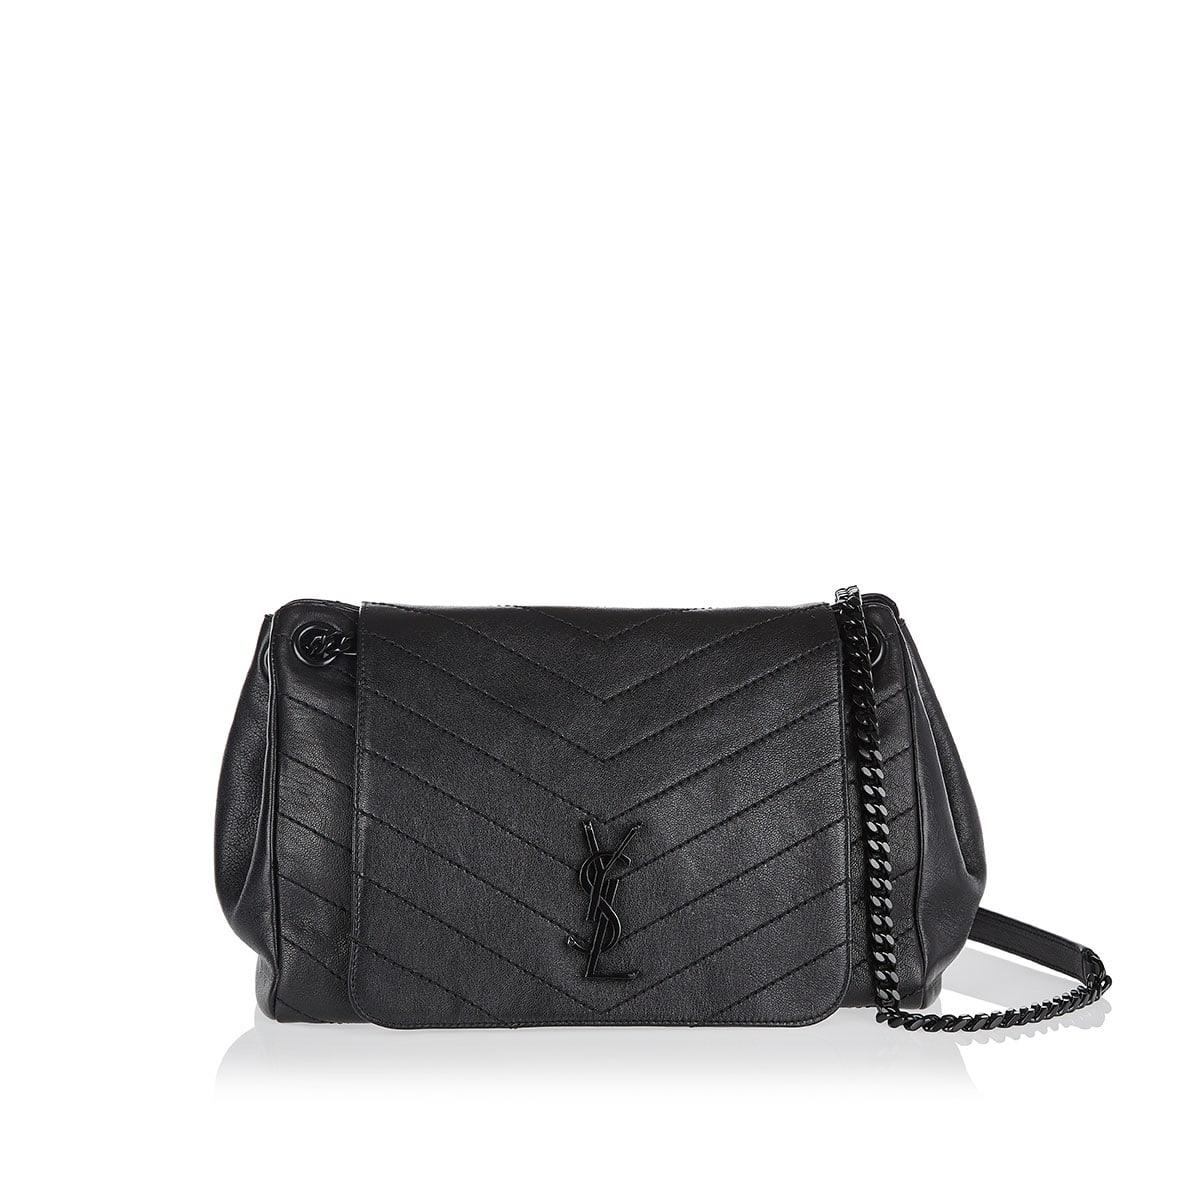 Medium Nolita leather bag